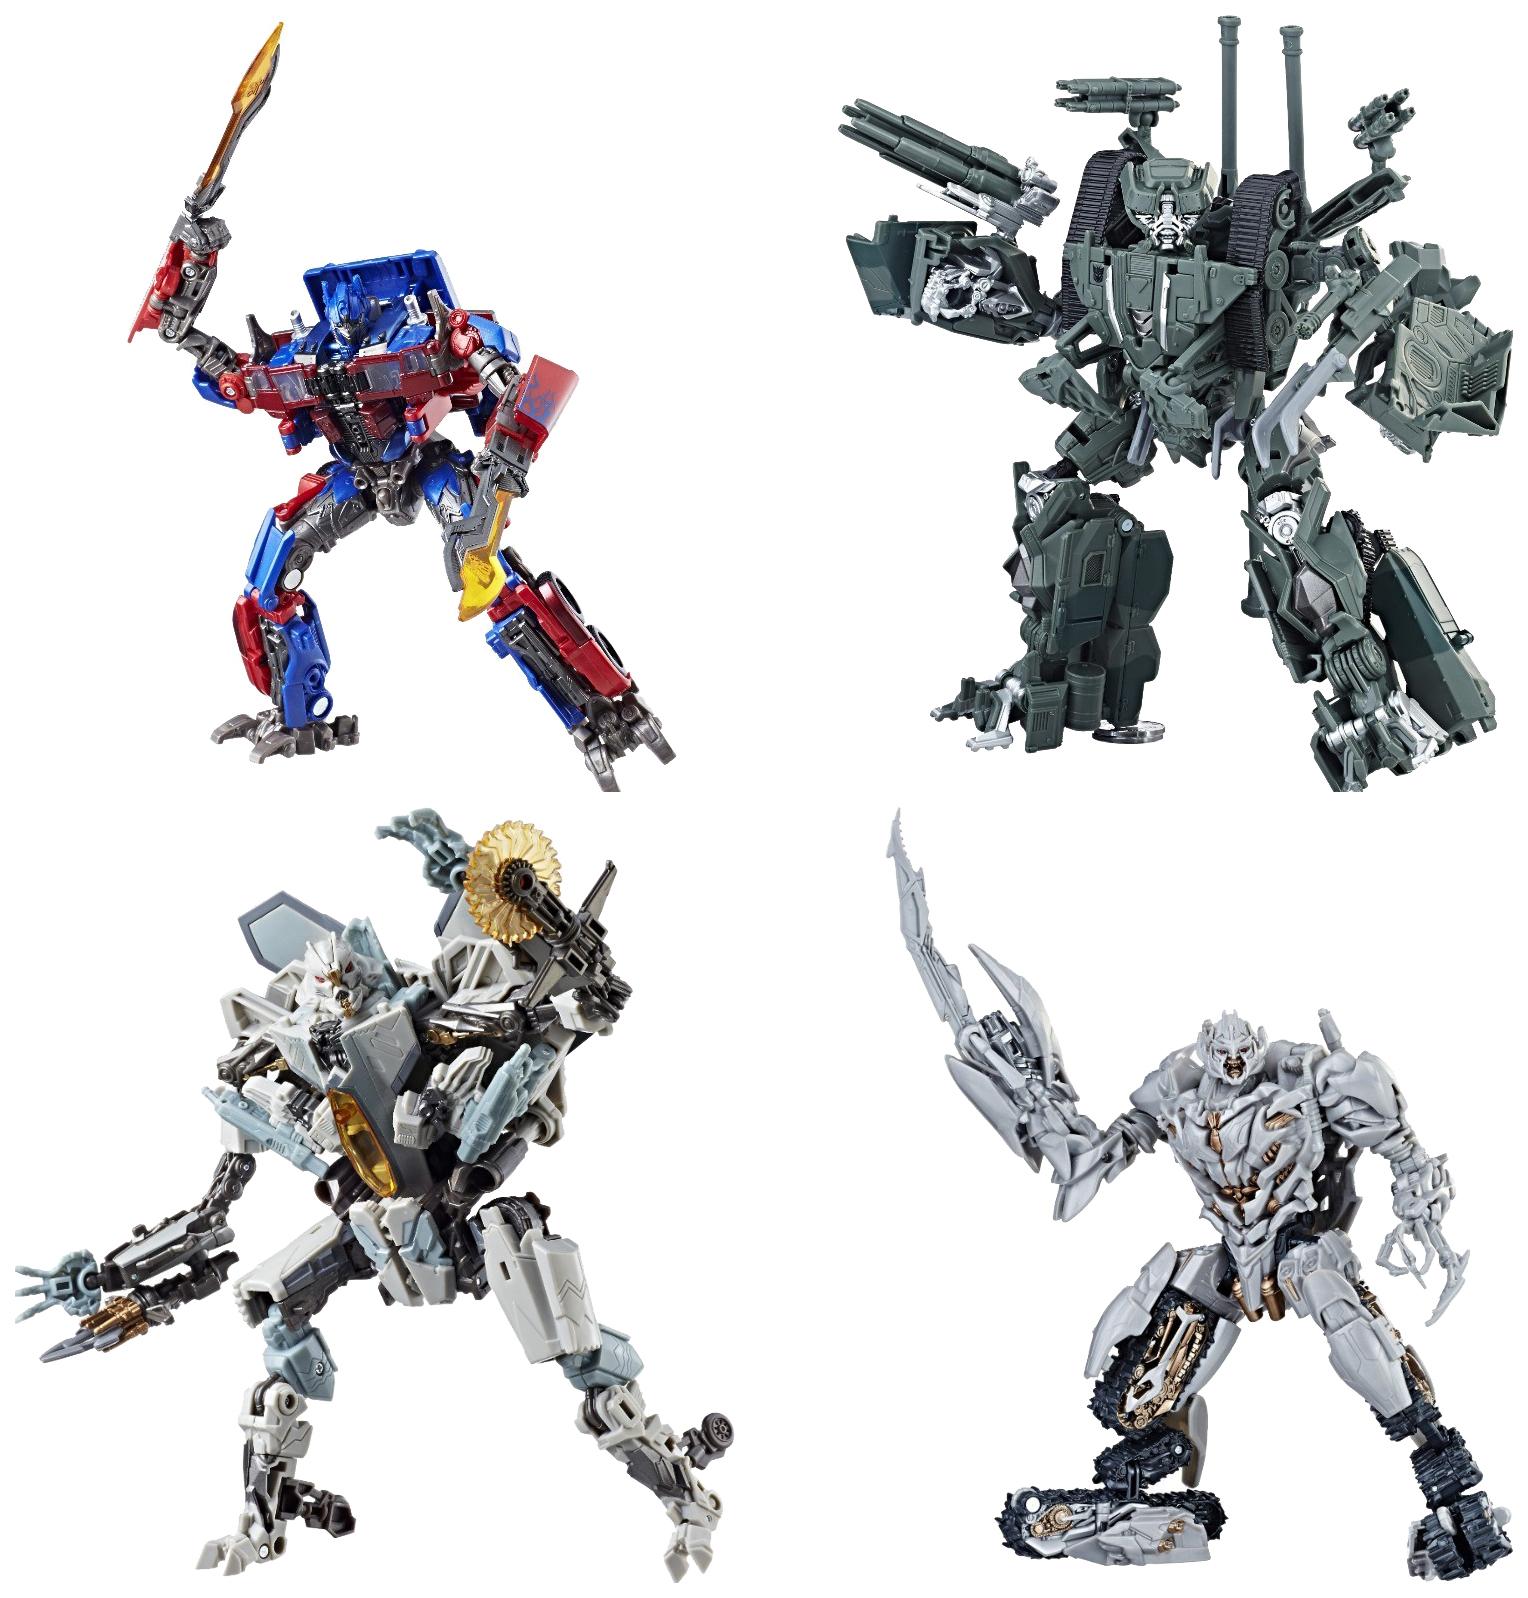 Игровой набор Трансформеры Hasbro Studio Series